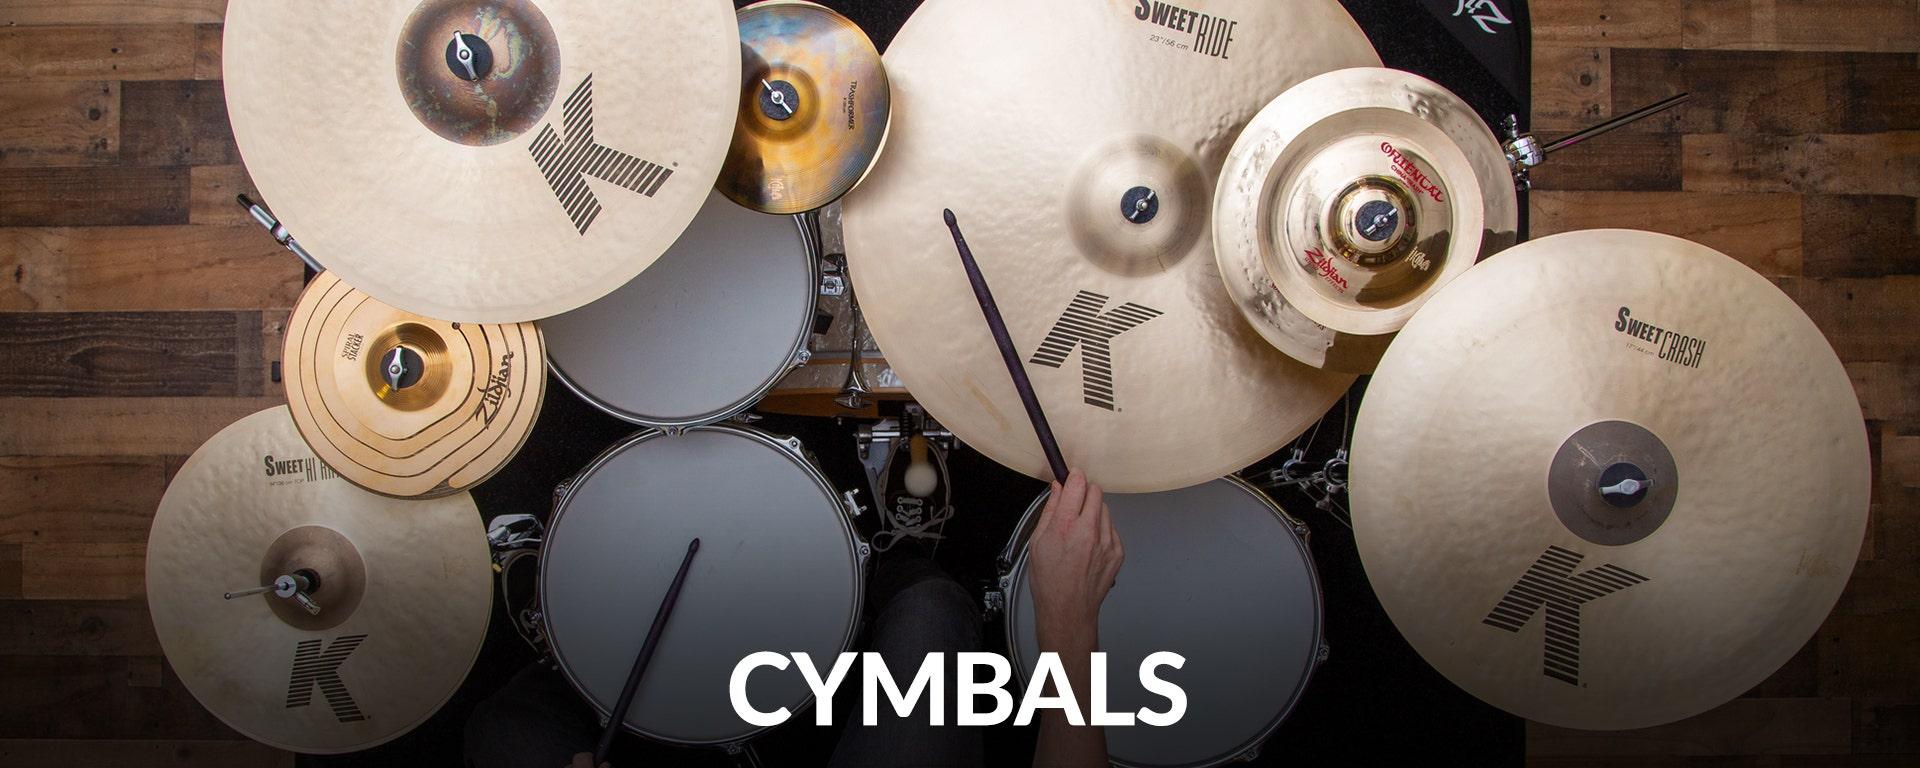 Cymbals At Samash.com